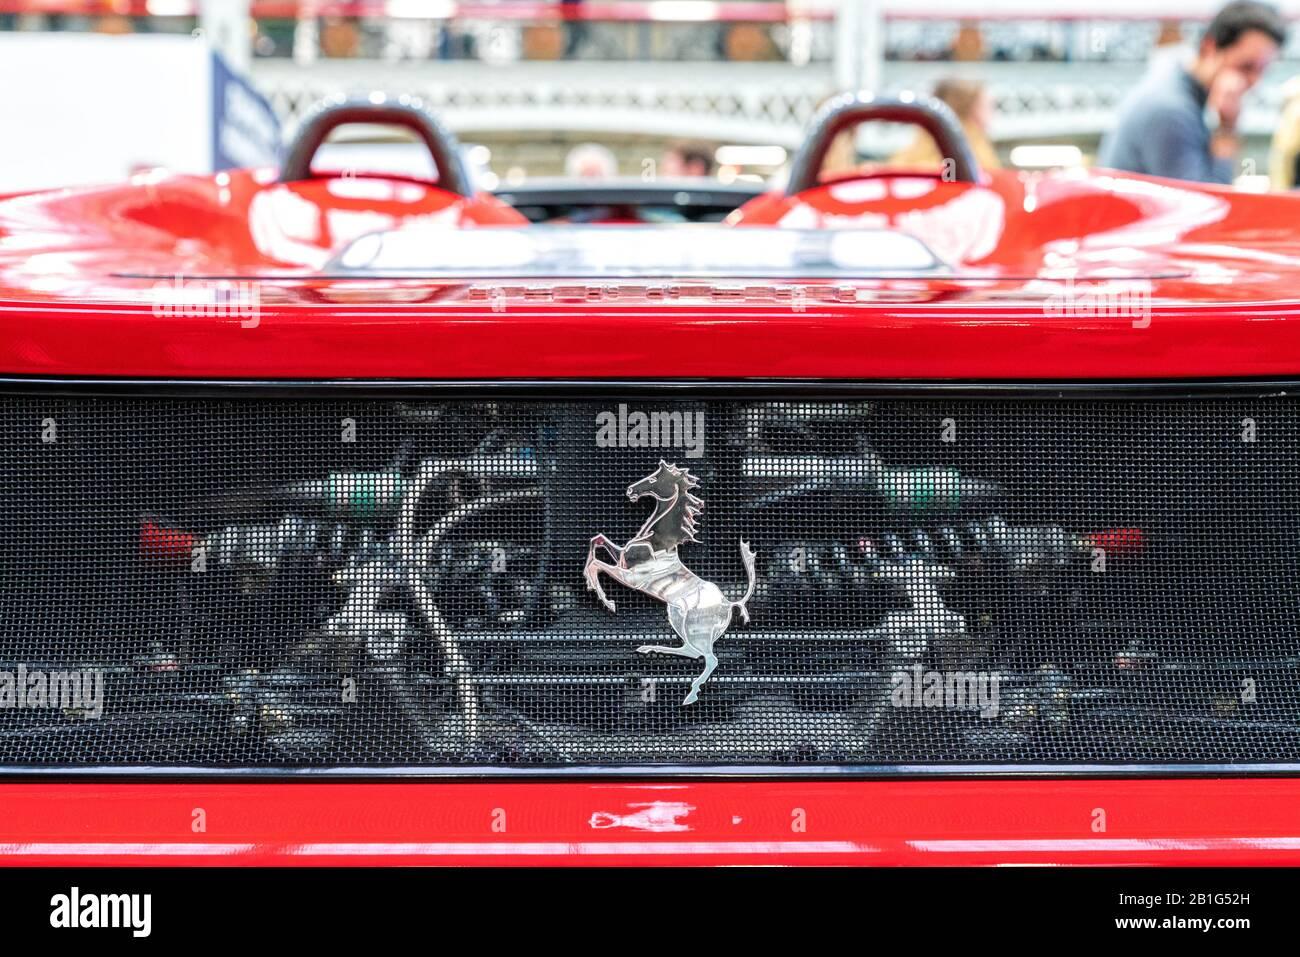 22 février 2020 - Londres, Royaume-Uni. Emblème Ferrari et maille visible dans un compartiment moteur. Banque D'Images